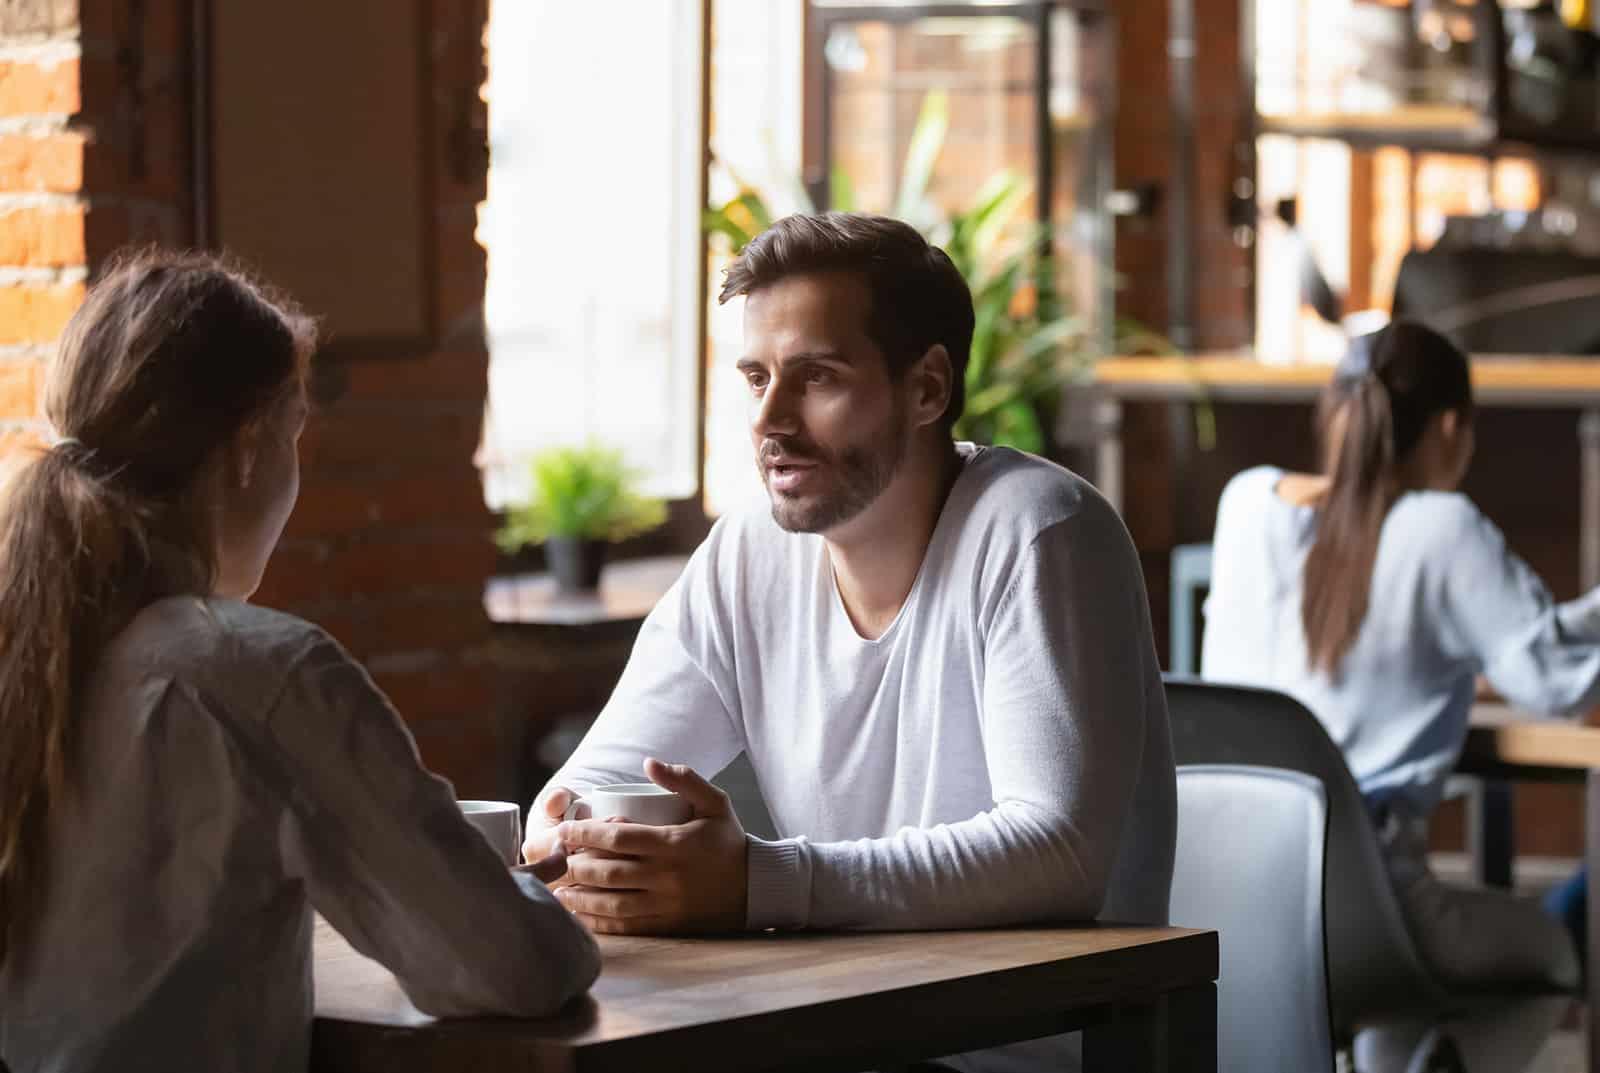 Ein Mann und eine Frau unterhalten sich während eines Speed-Dates am Tisch